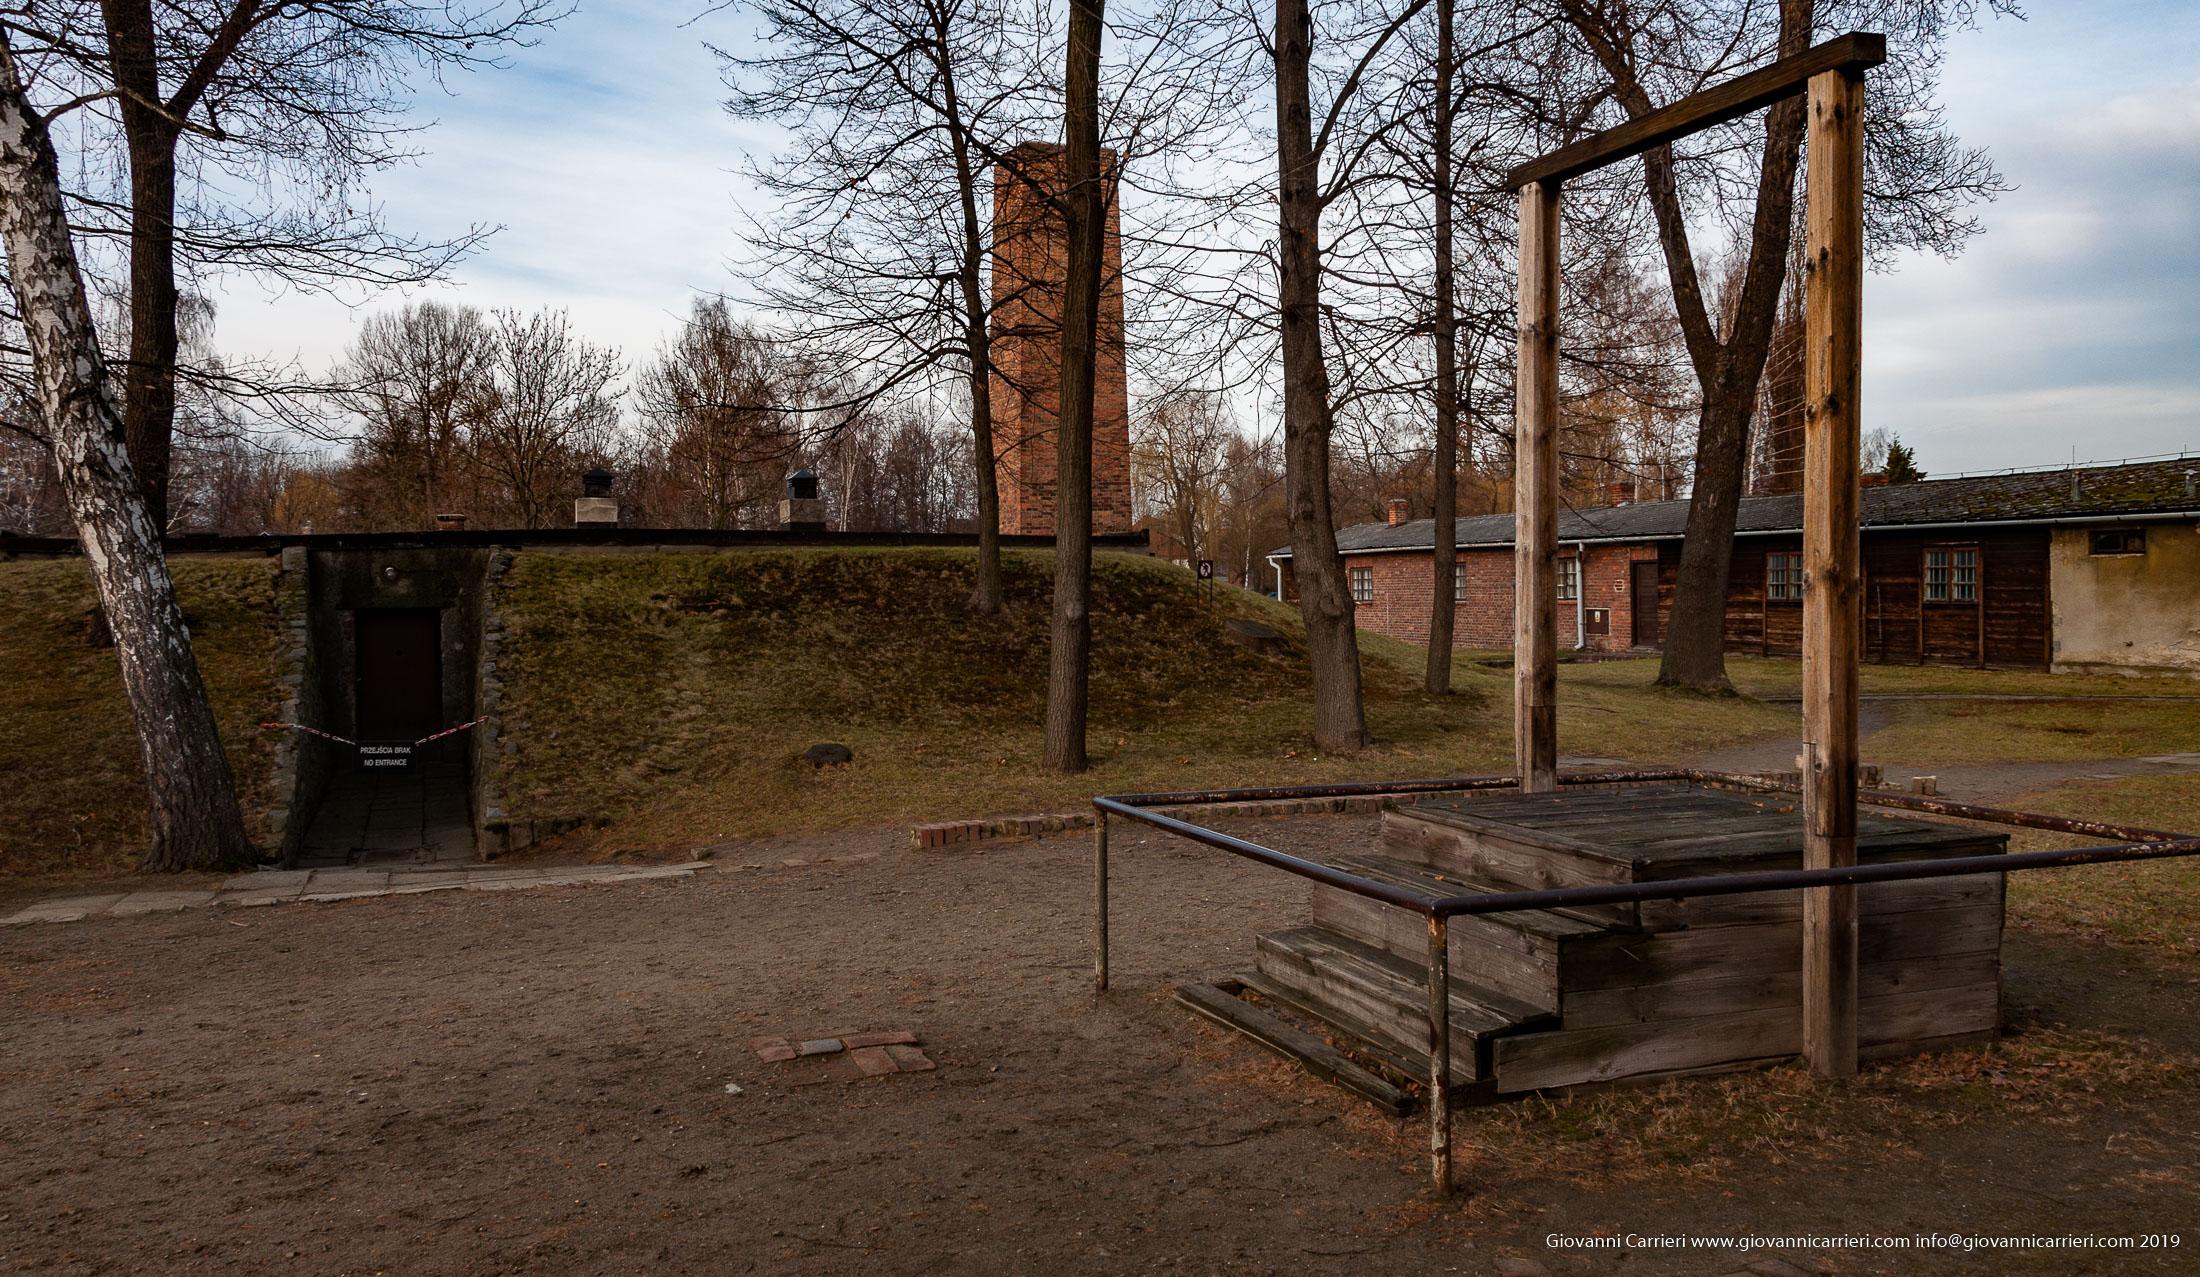 Patibolo e crematorio - Auschwitz